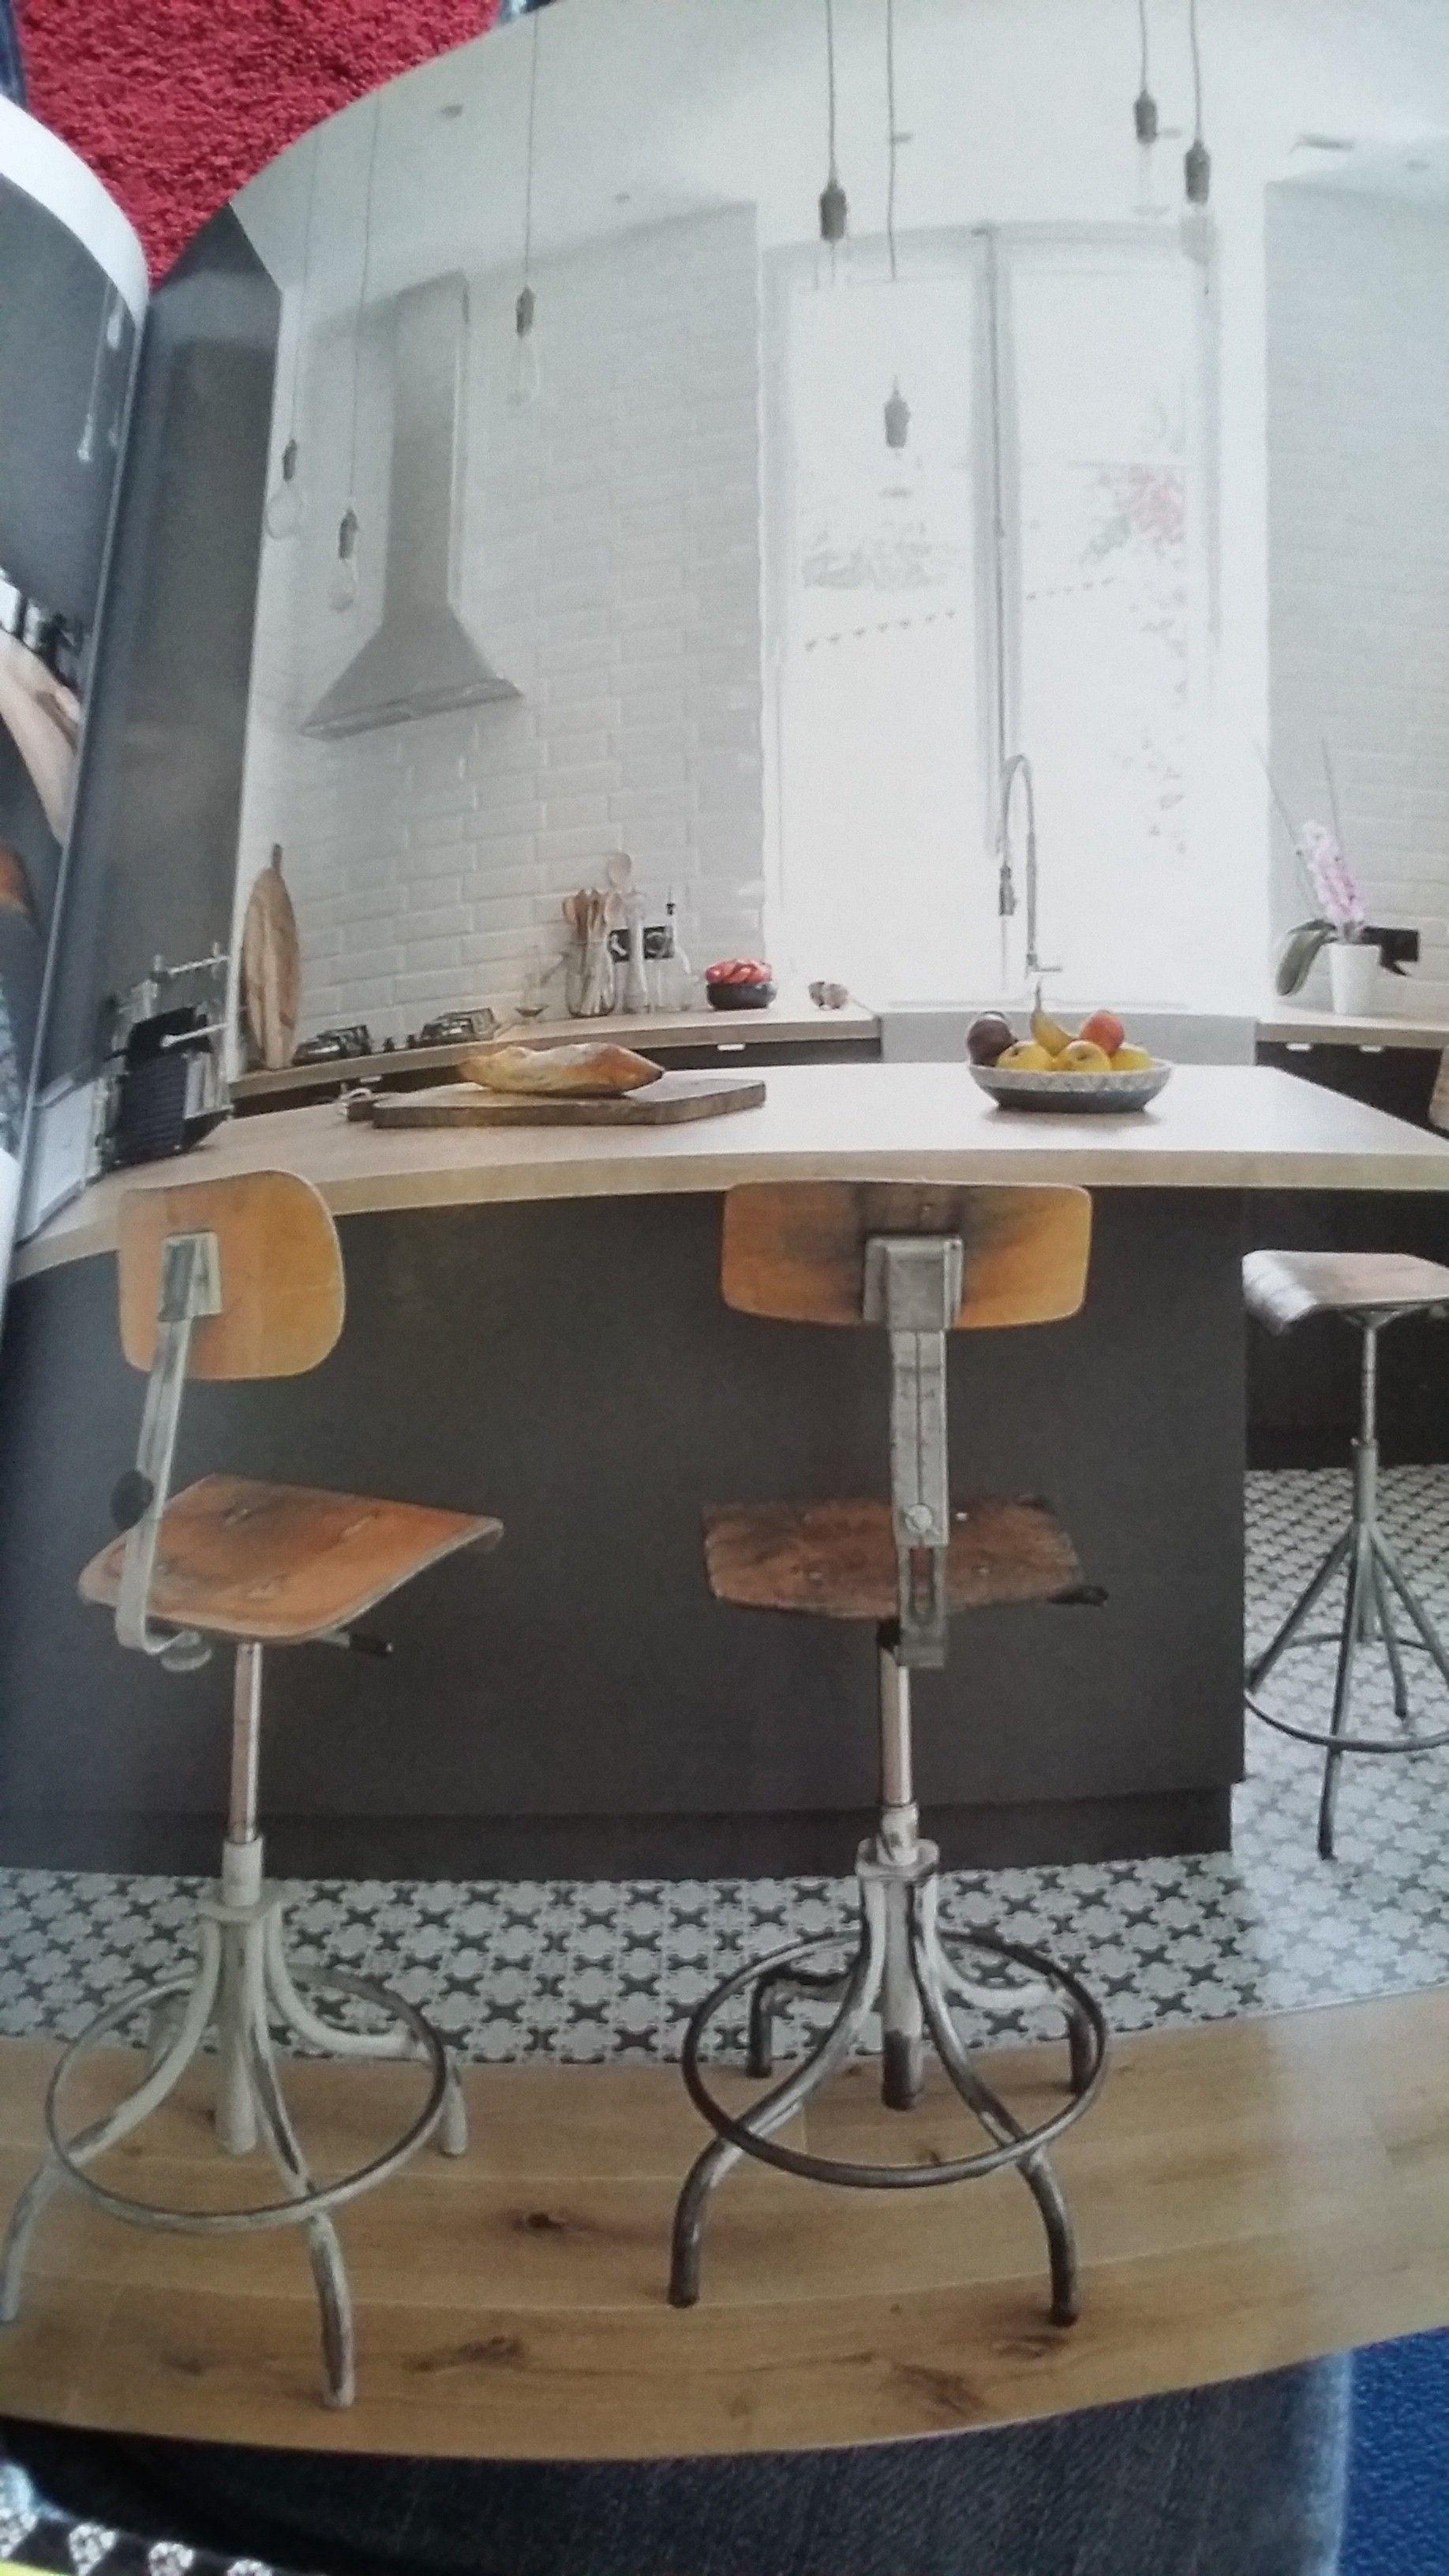 Cuisine Carreaux concernant cuisine carreaux ciment+ parquet / tabouret indus | cuisine | pinterest